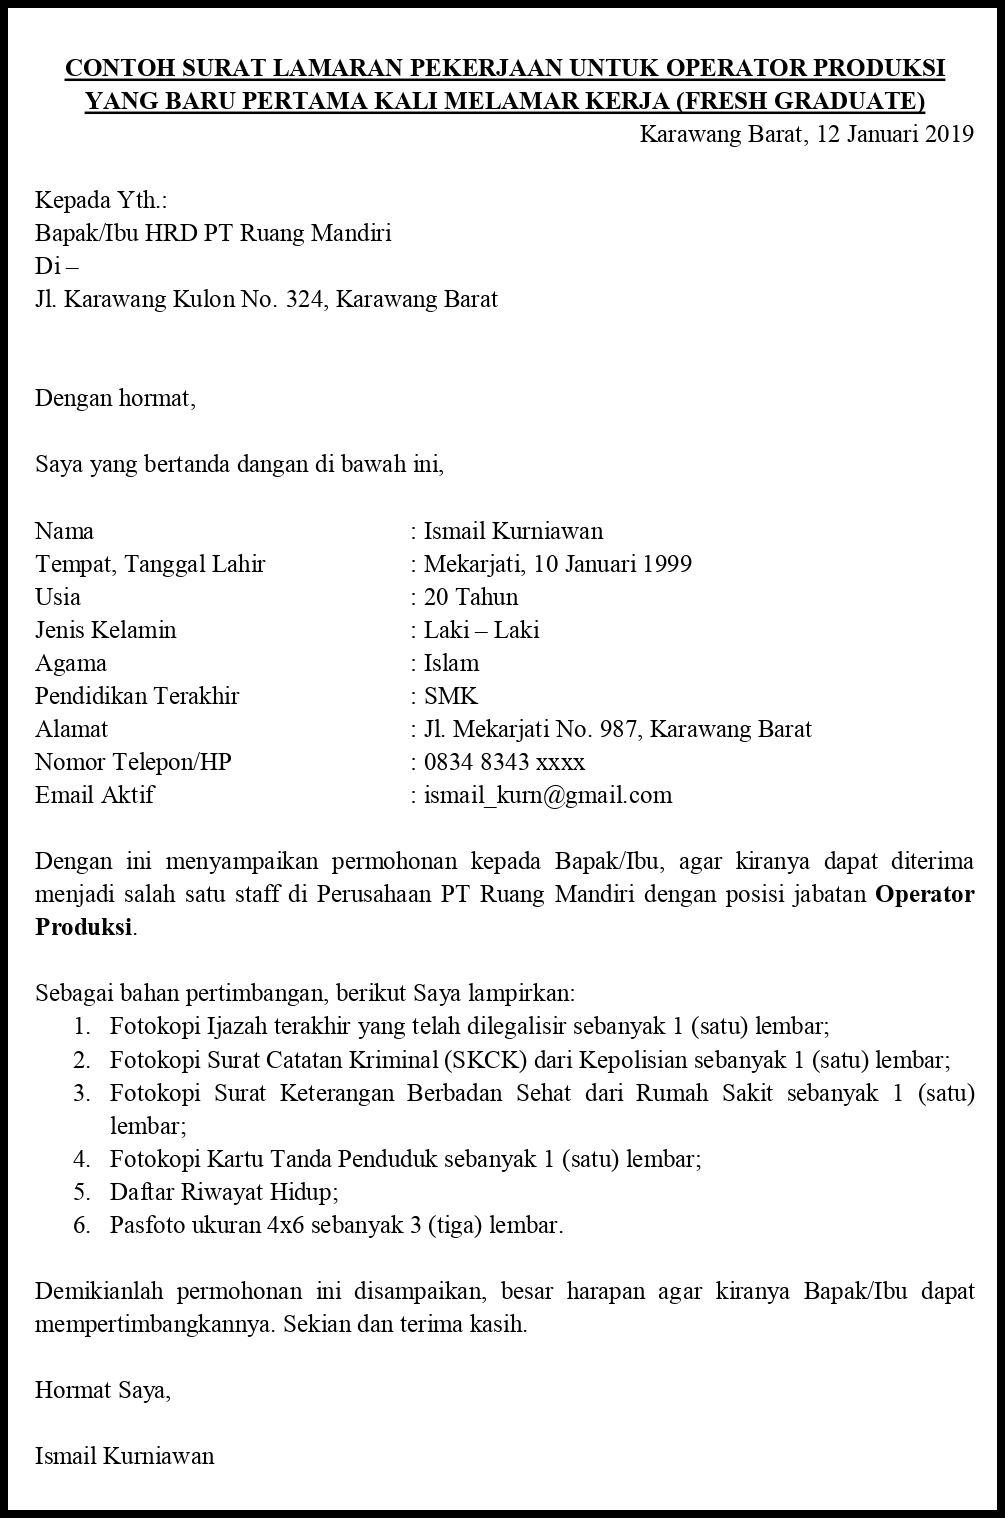 Contoh Surat Lamaran Pekerjaan Untuk Manufaktur Dan Gudang Tanpakoma